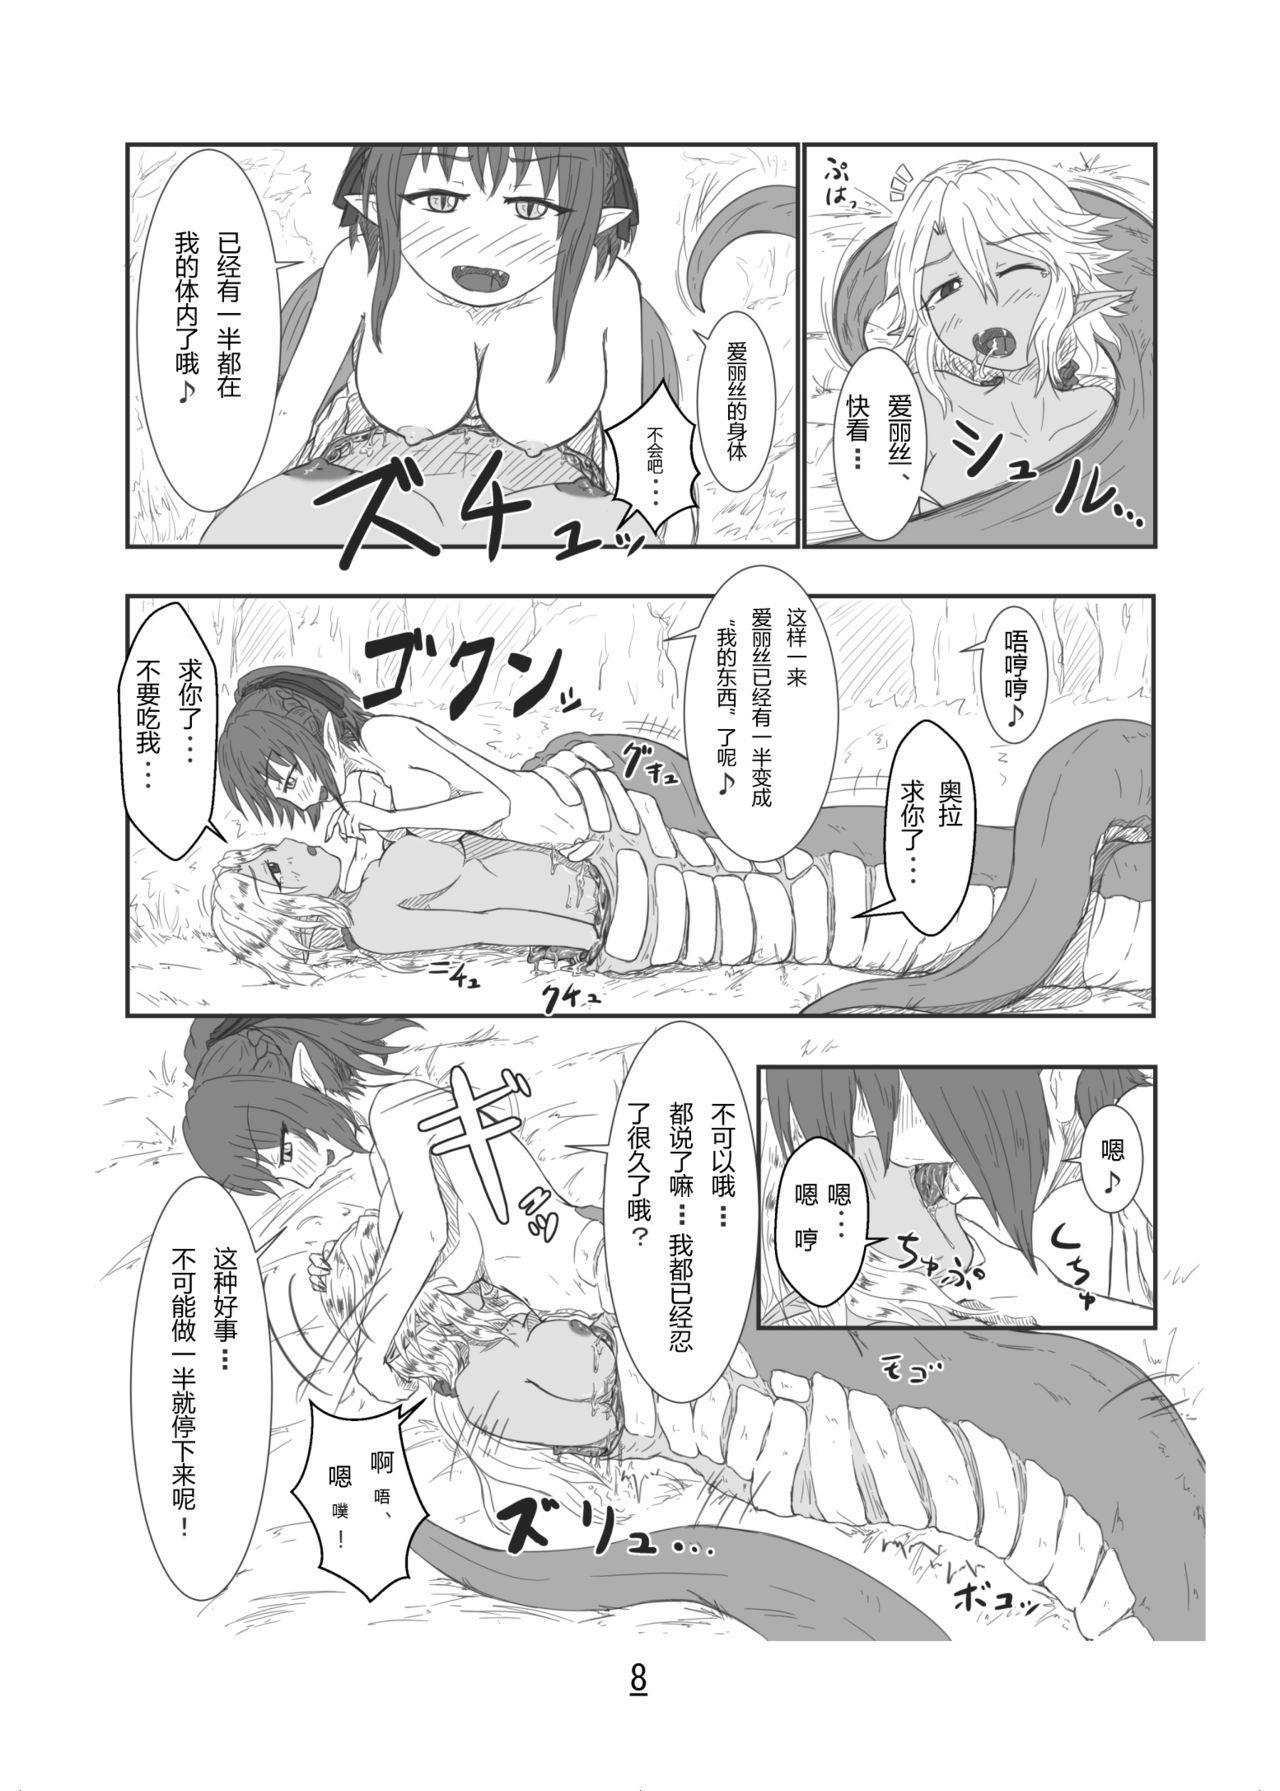 Marunomi Hanashi 7